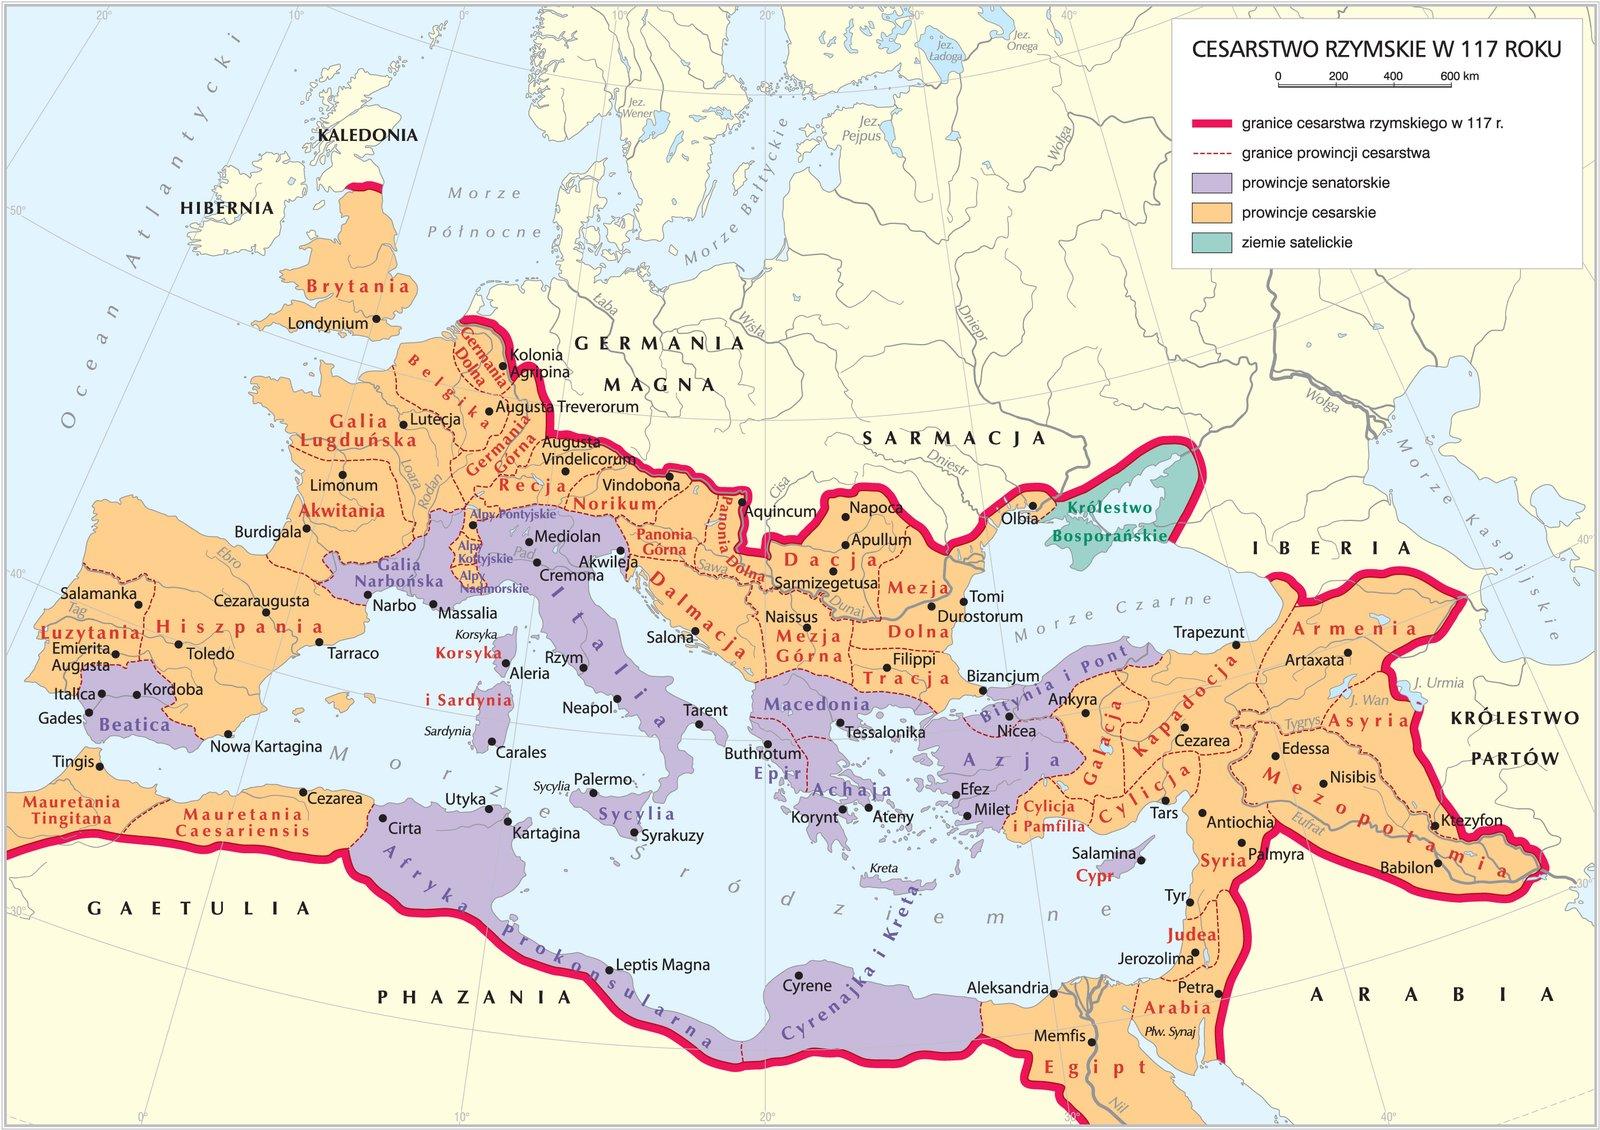 Cesarstwo rzymskie za czasów Trajana Cesarstwo rzymskie za czasów Trajana Źródło: Krystian Chariza izespół, licencja: CC BY 3.0.